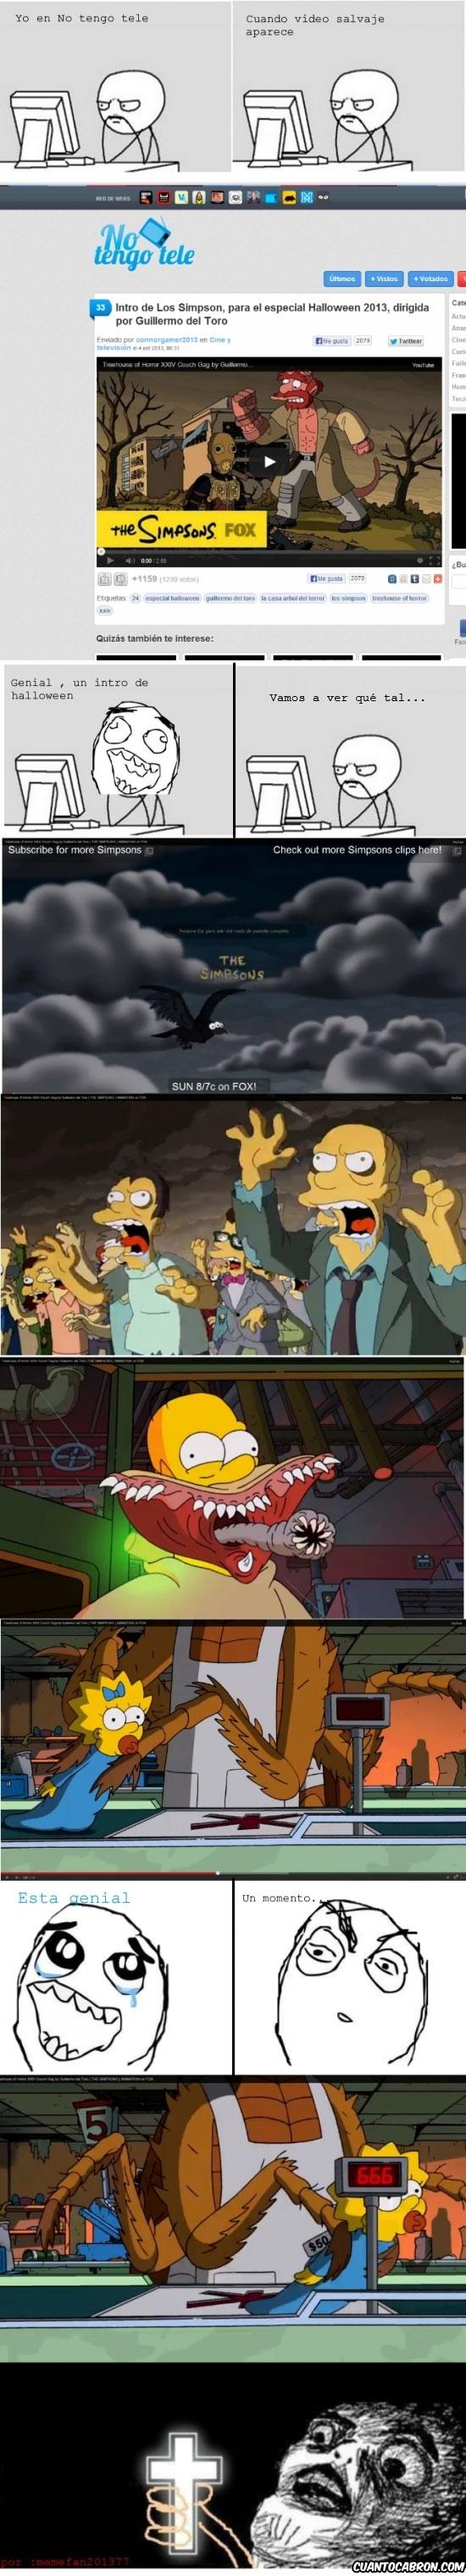 Inglip - Intro de halloween de los Simpson